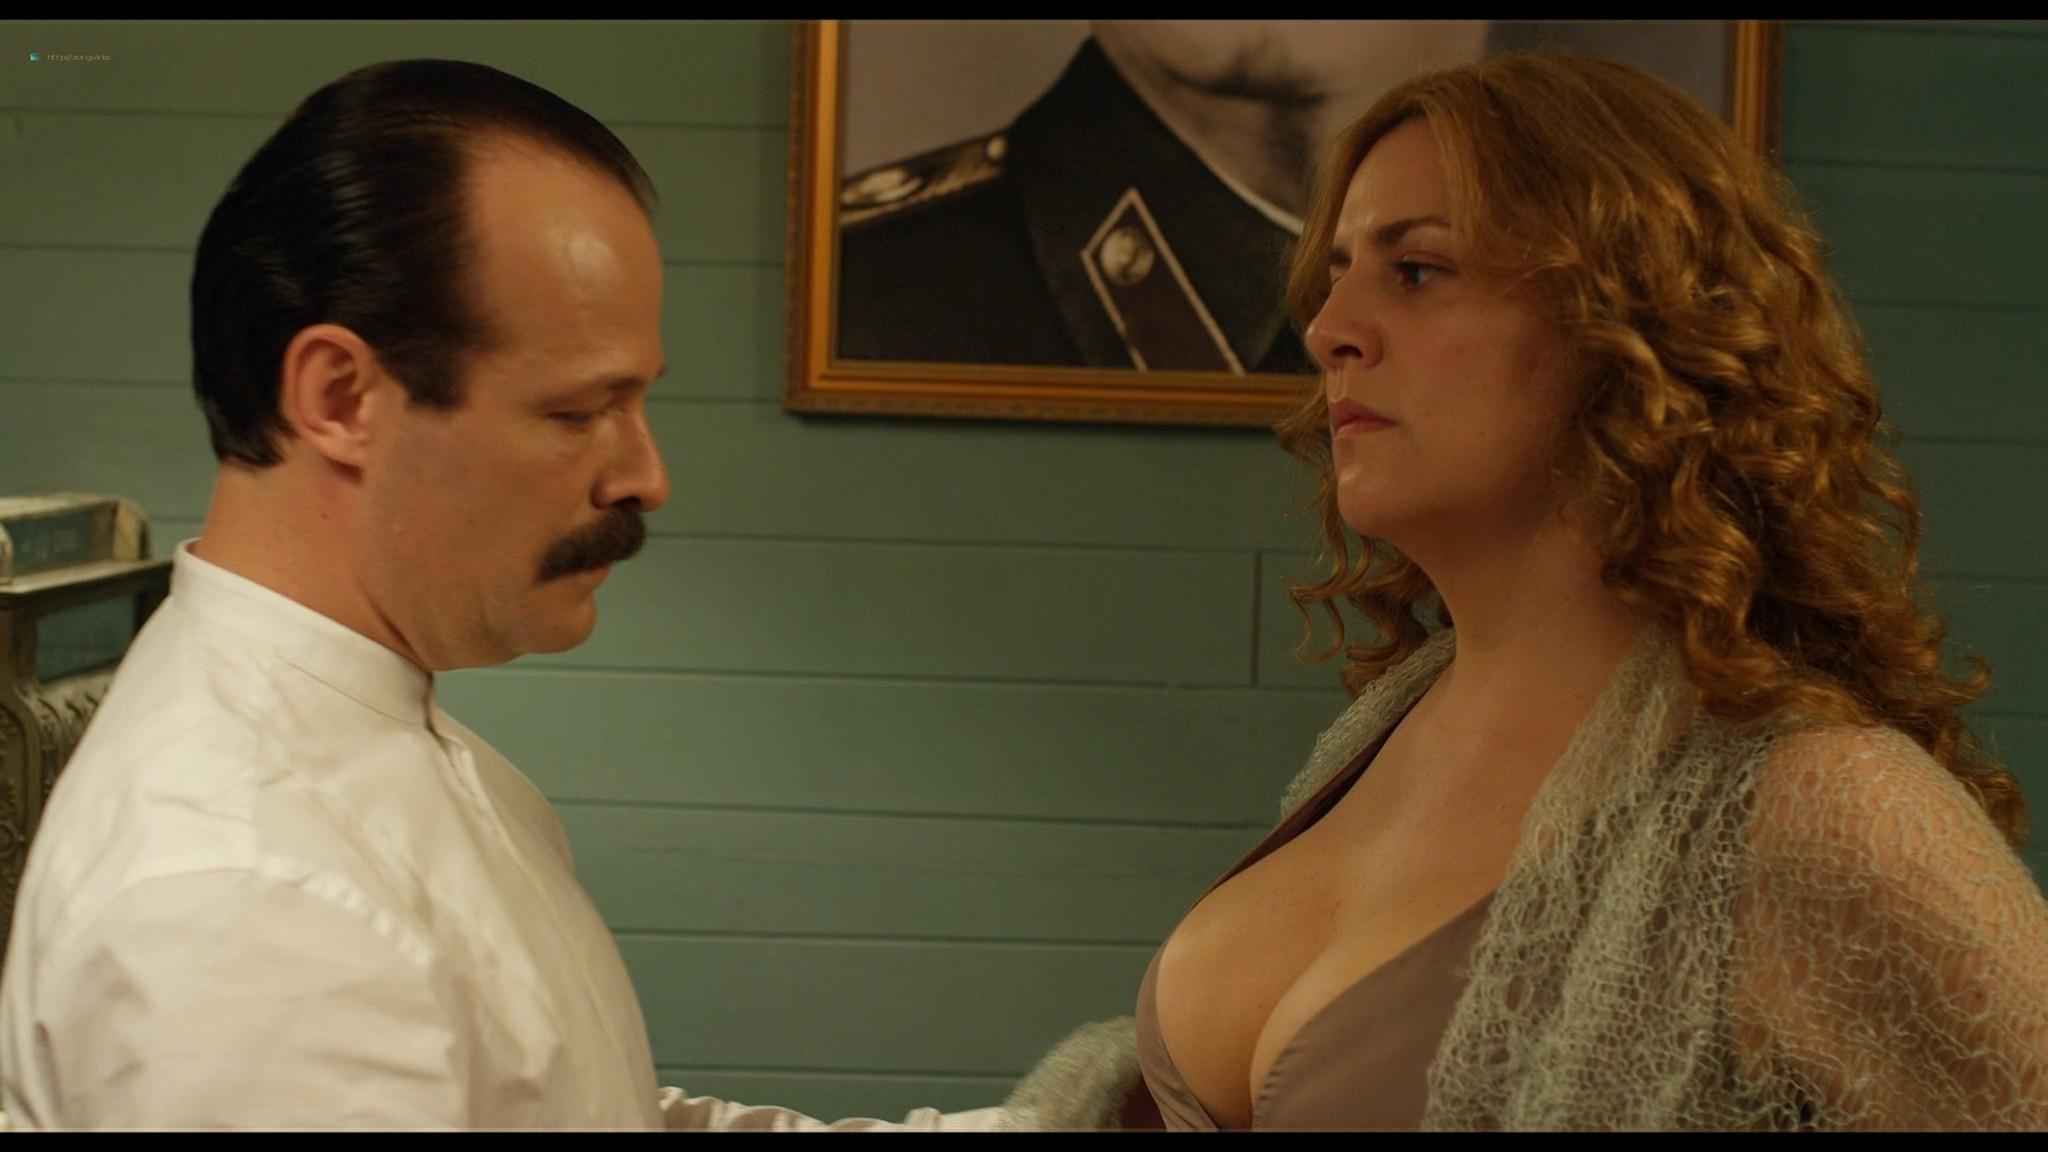 Pamela Flores nude full frontal - La danza de la realidad (2013) HD 1080p BluRay REMUX (18)